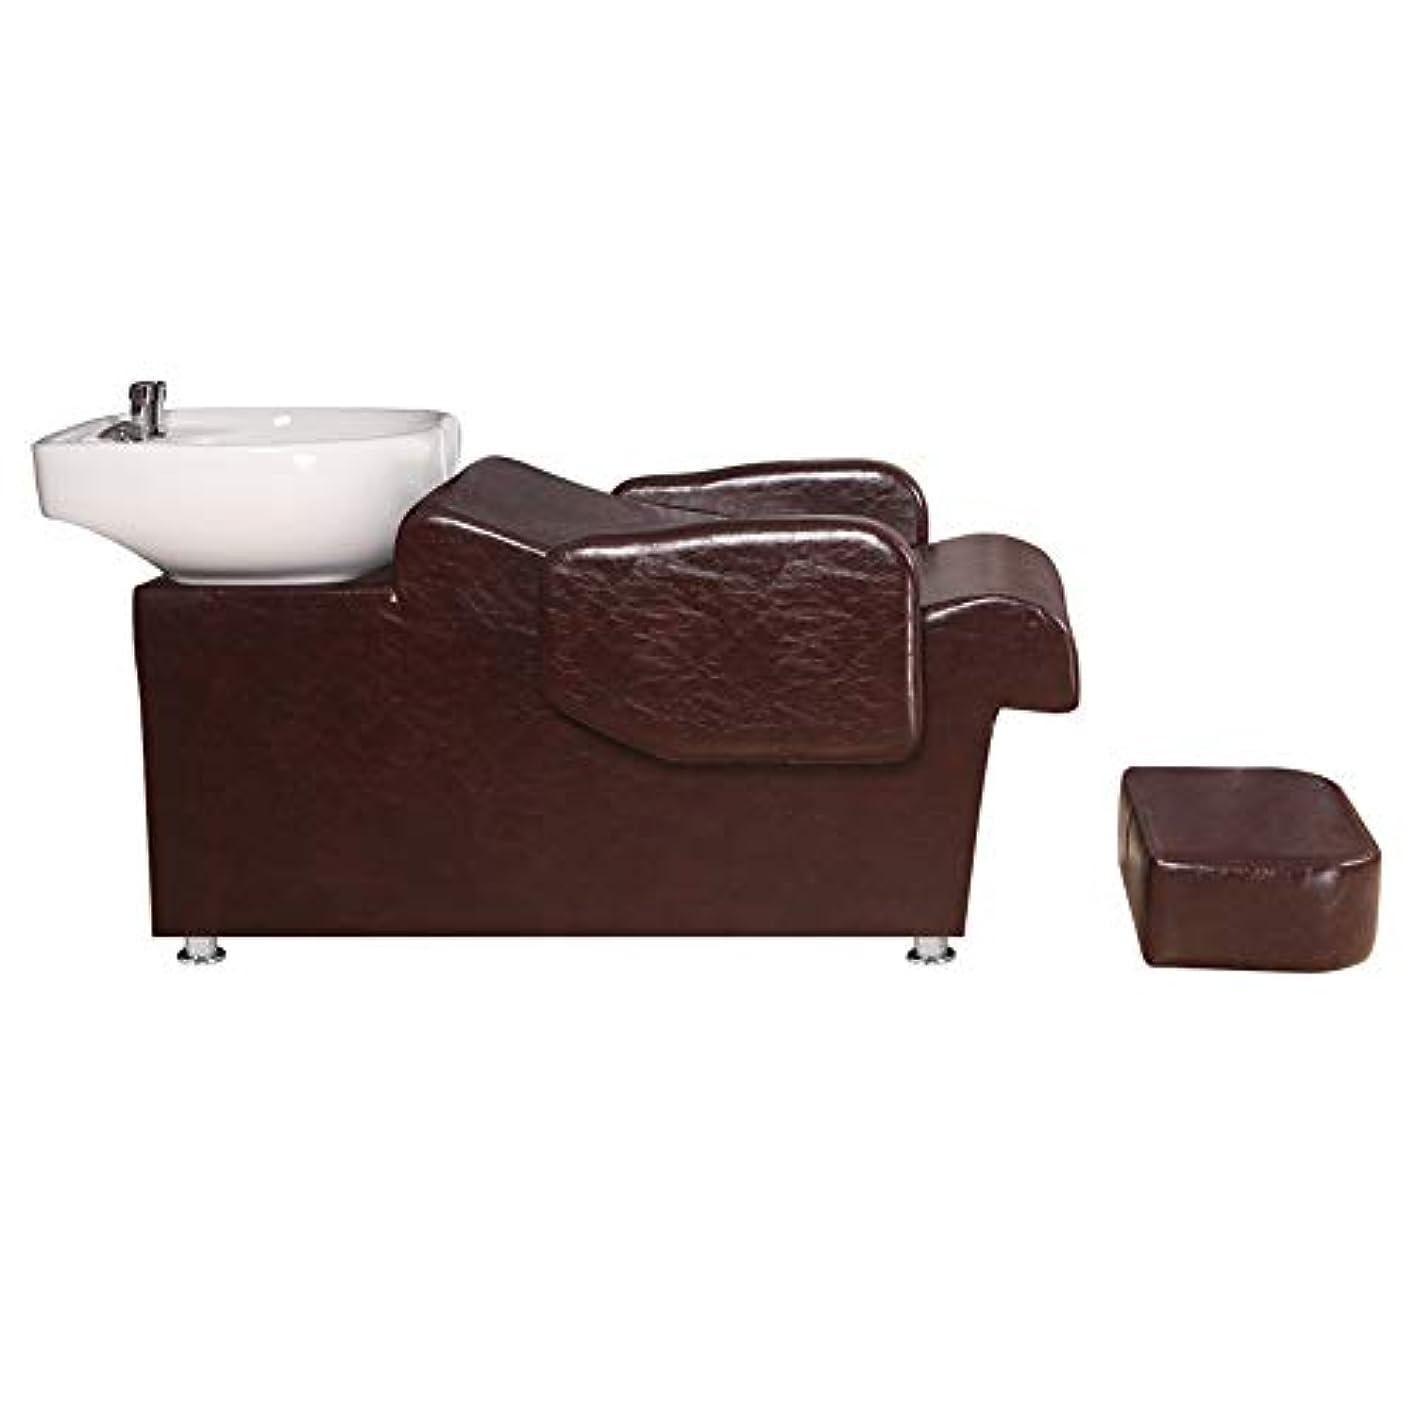 統合体系的に降ろすシャンプーの理髪師の逆洗の椅子、鉱泉の美容院のためのシャンプーボールの流しの椅子半横たわっている鉱泉の美容院装置